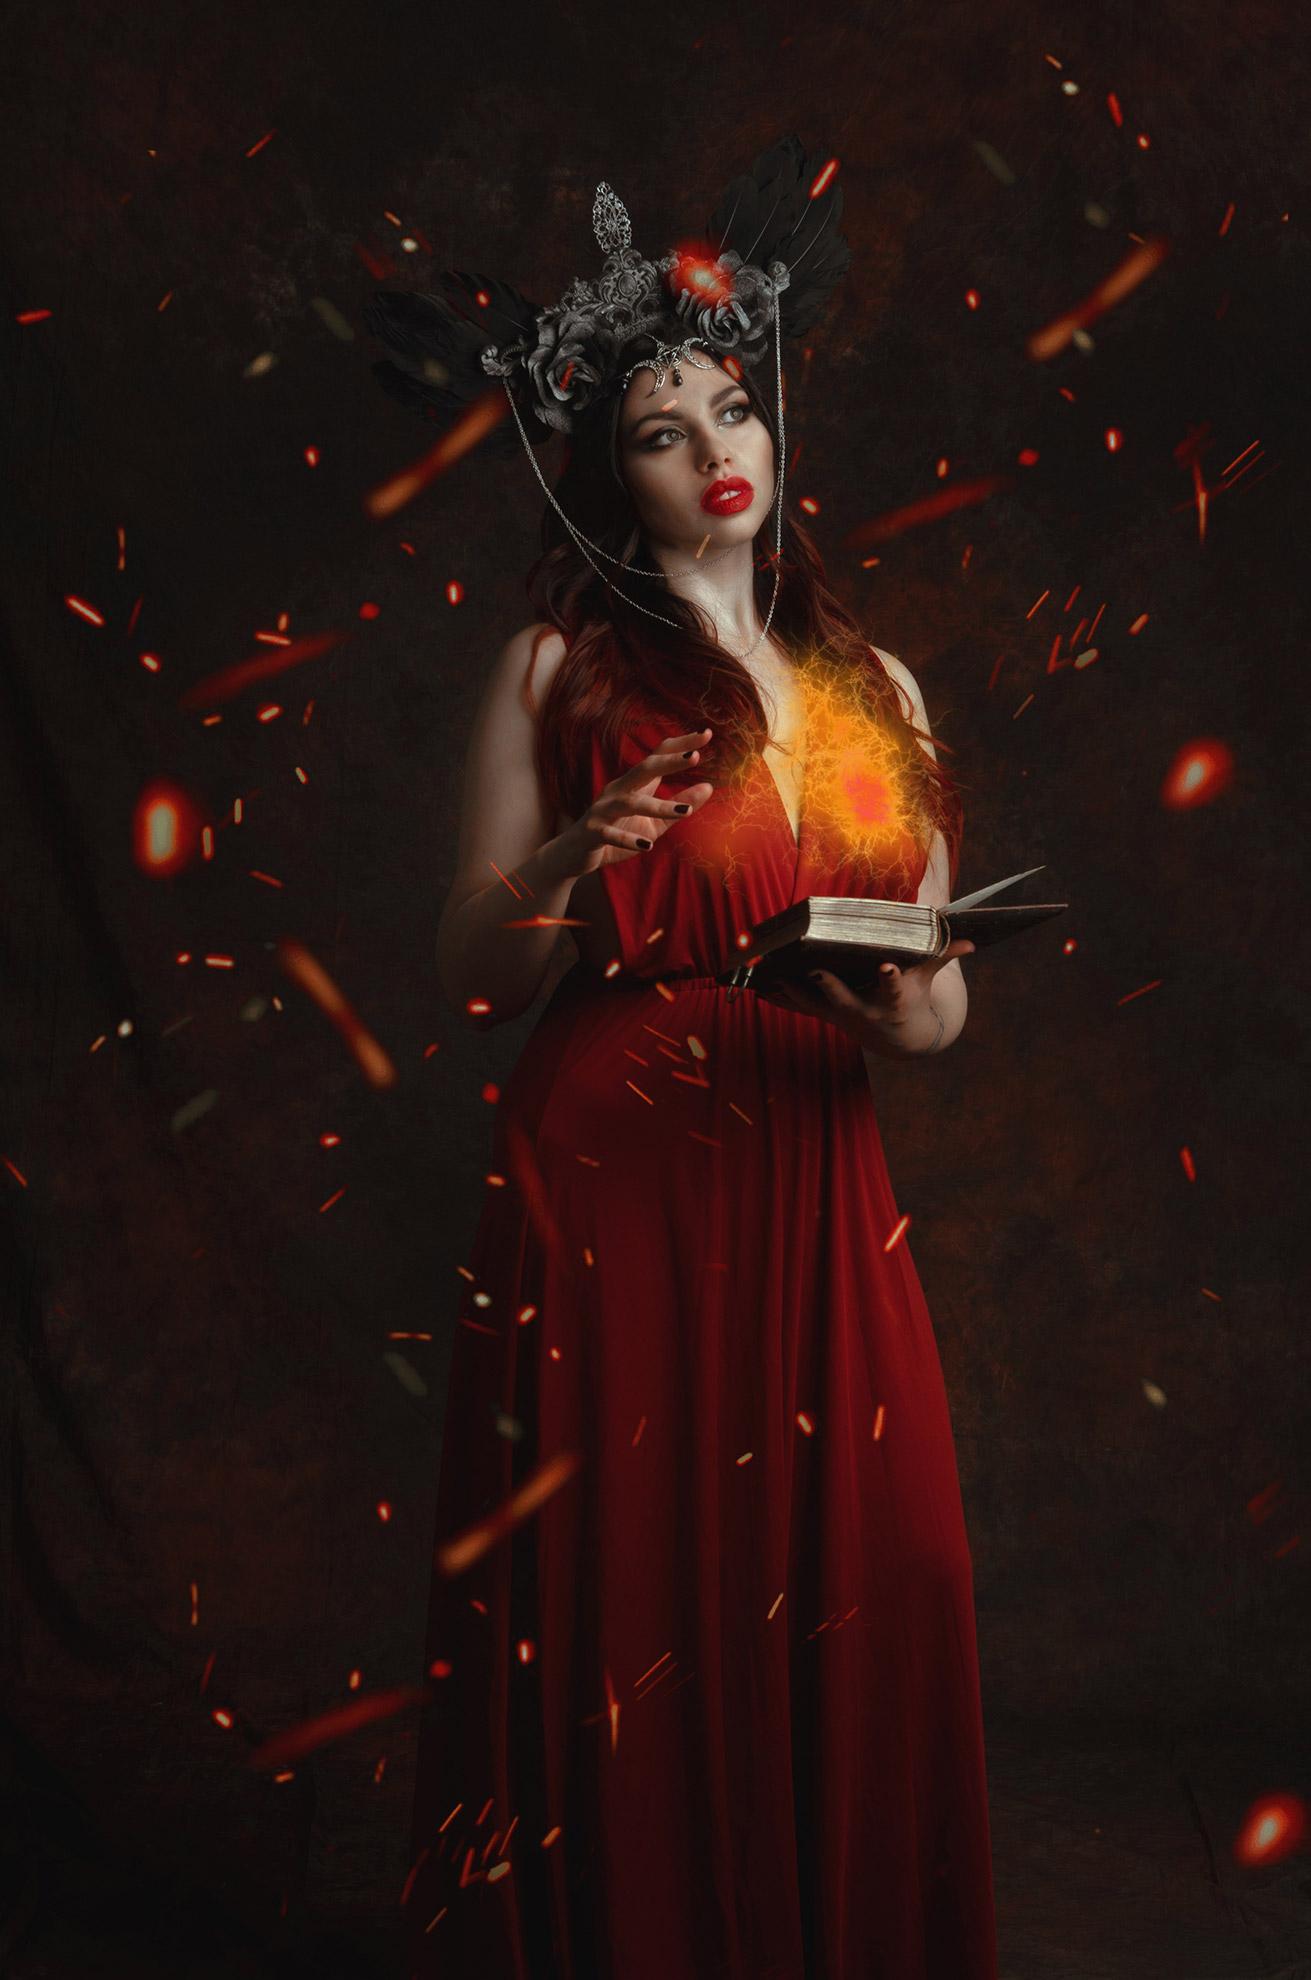 ritratto fotografico fine art dark fantasy di erica mottin rappresentante una donna in abito rosso con headdress di piume nere creato da Giorgia Titania con in mano un libro che sta lanciando un incantesimo